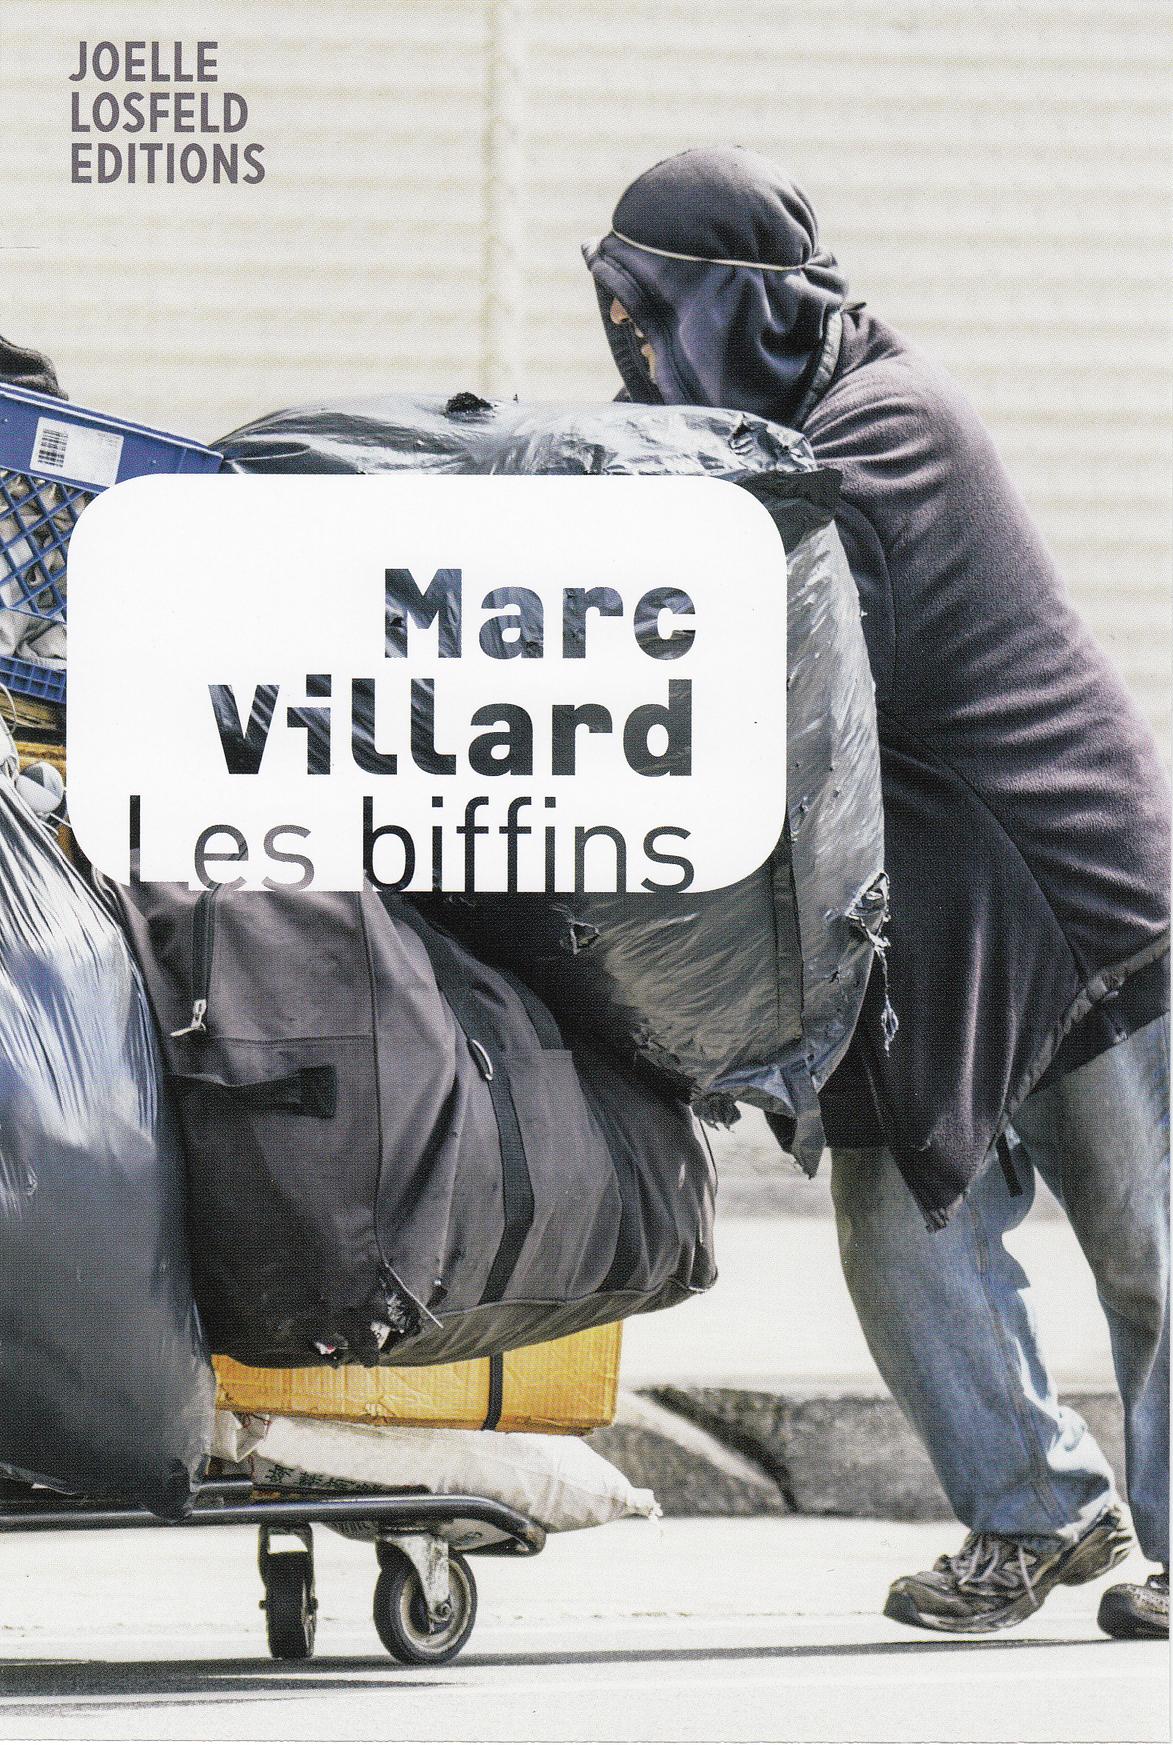 Les biffins